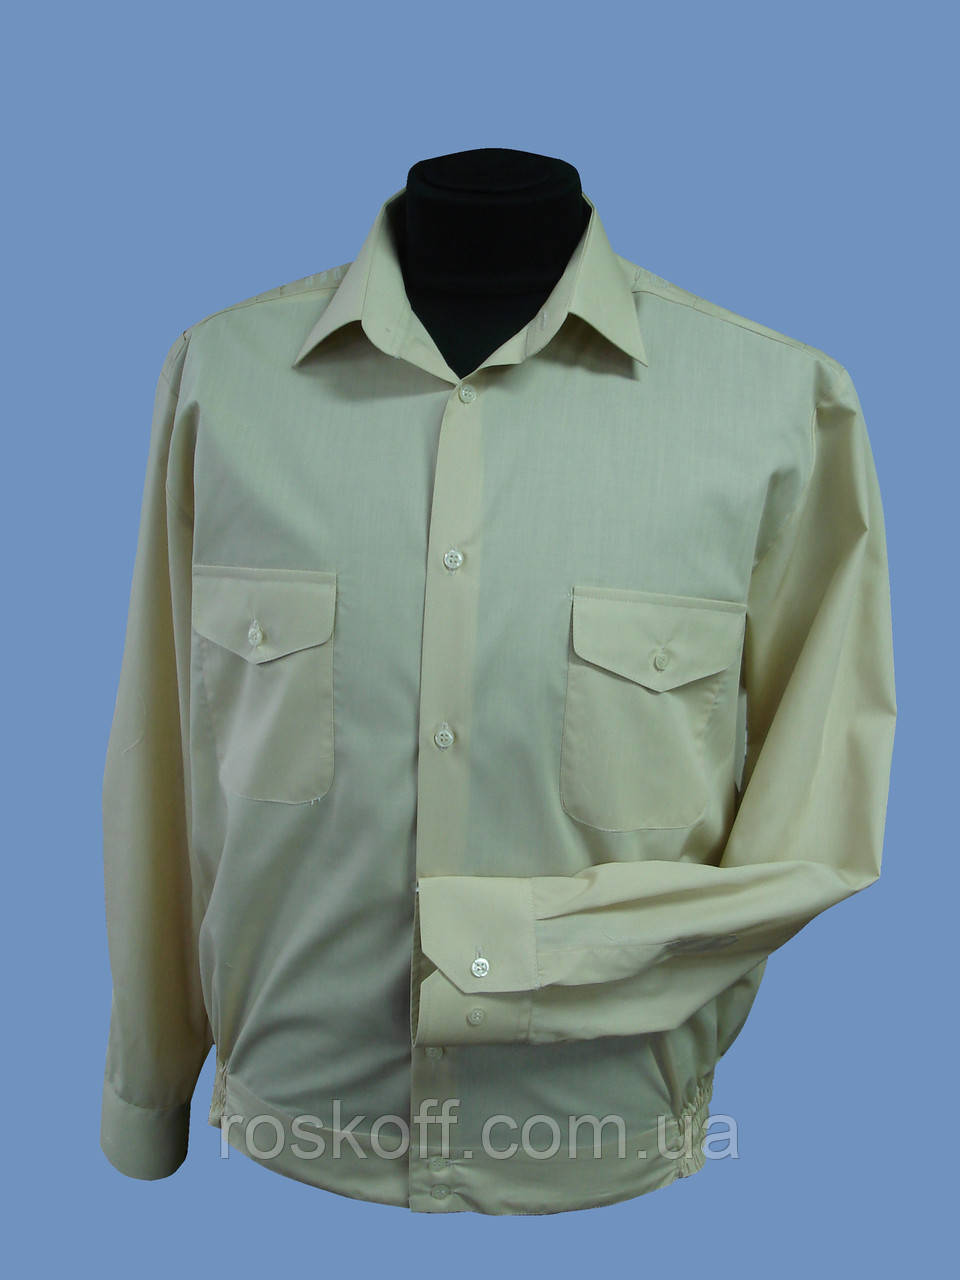 Форменная рубашка  бежевая с длинным рукавом